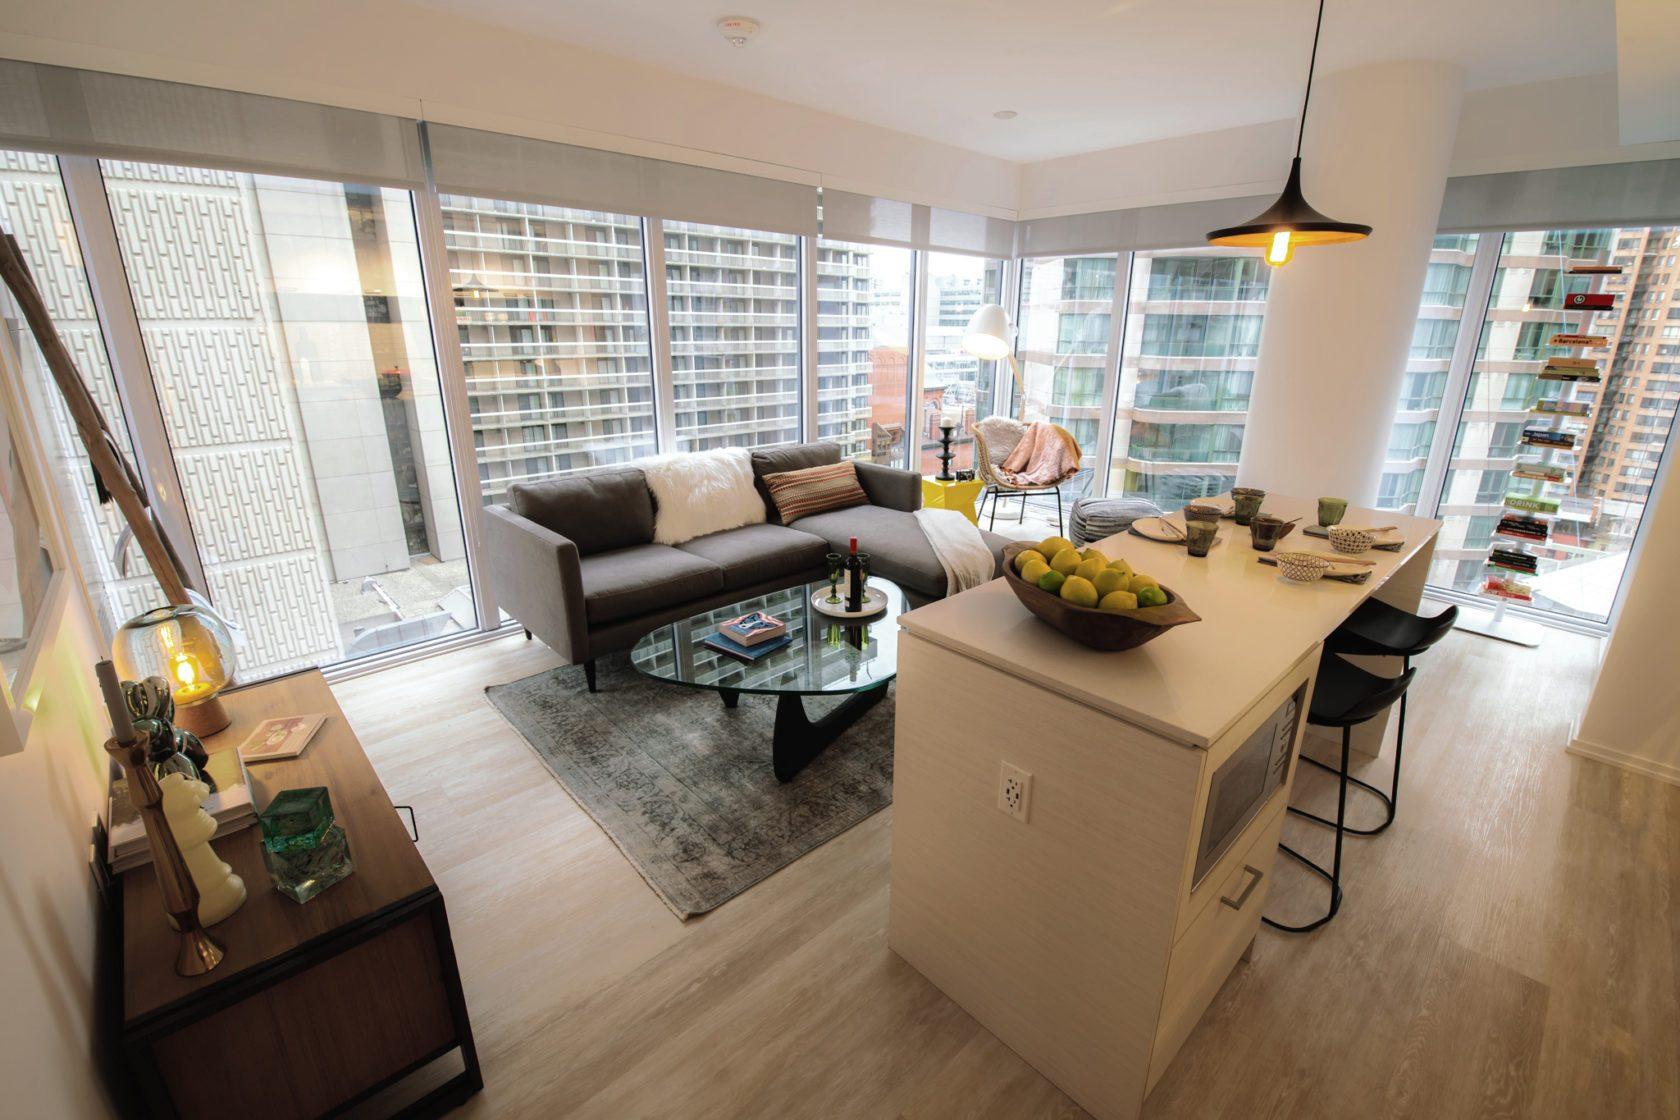 Livmore Suite Living room (bird eye view)